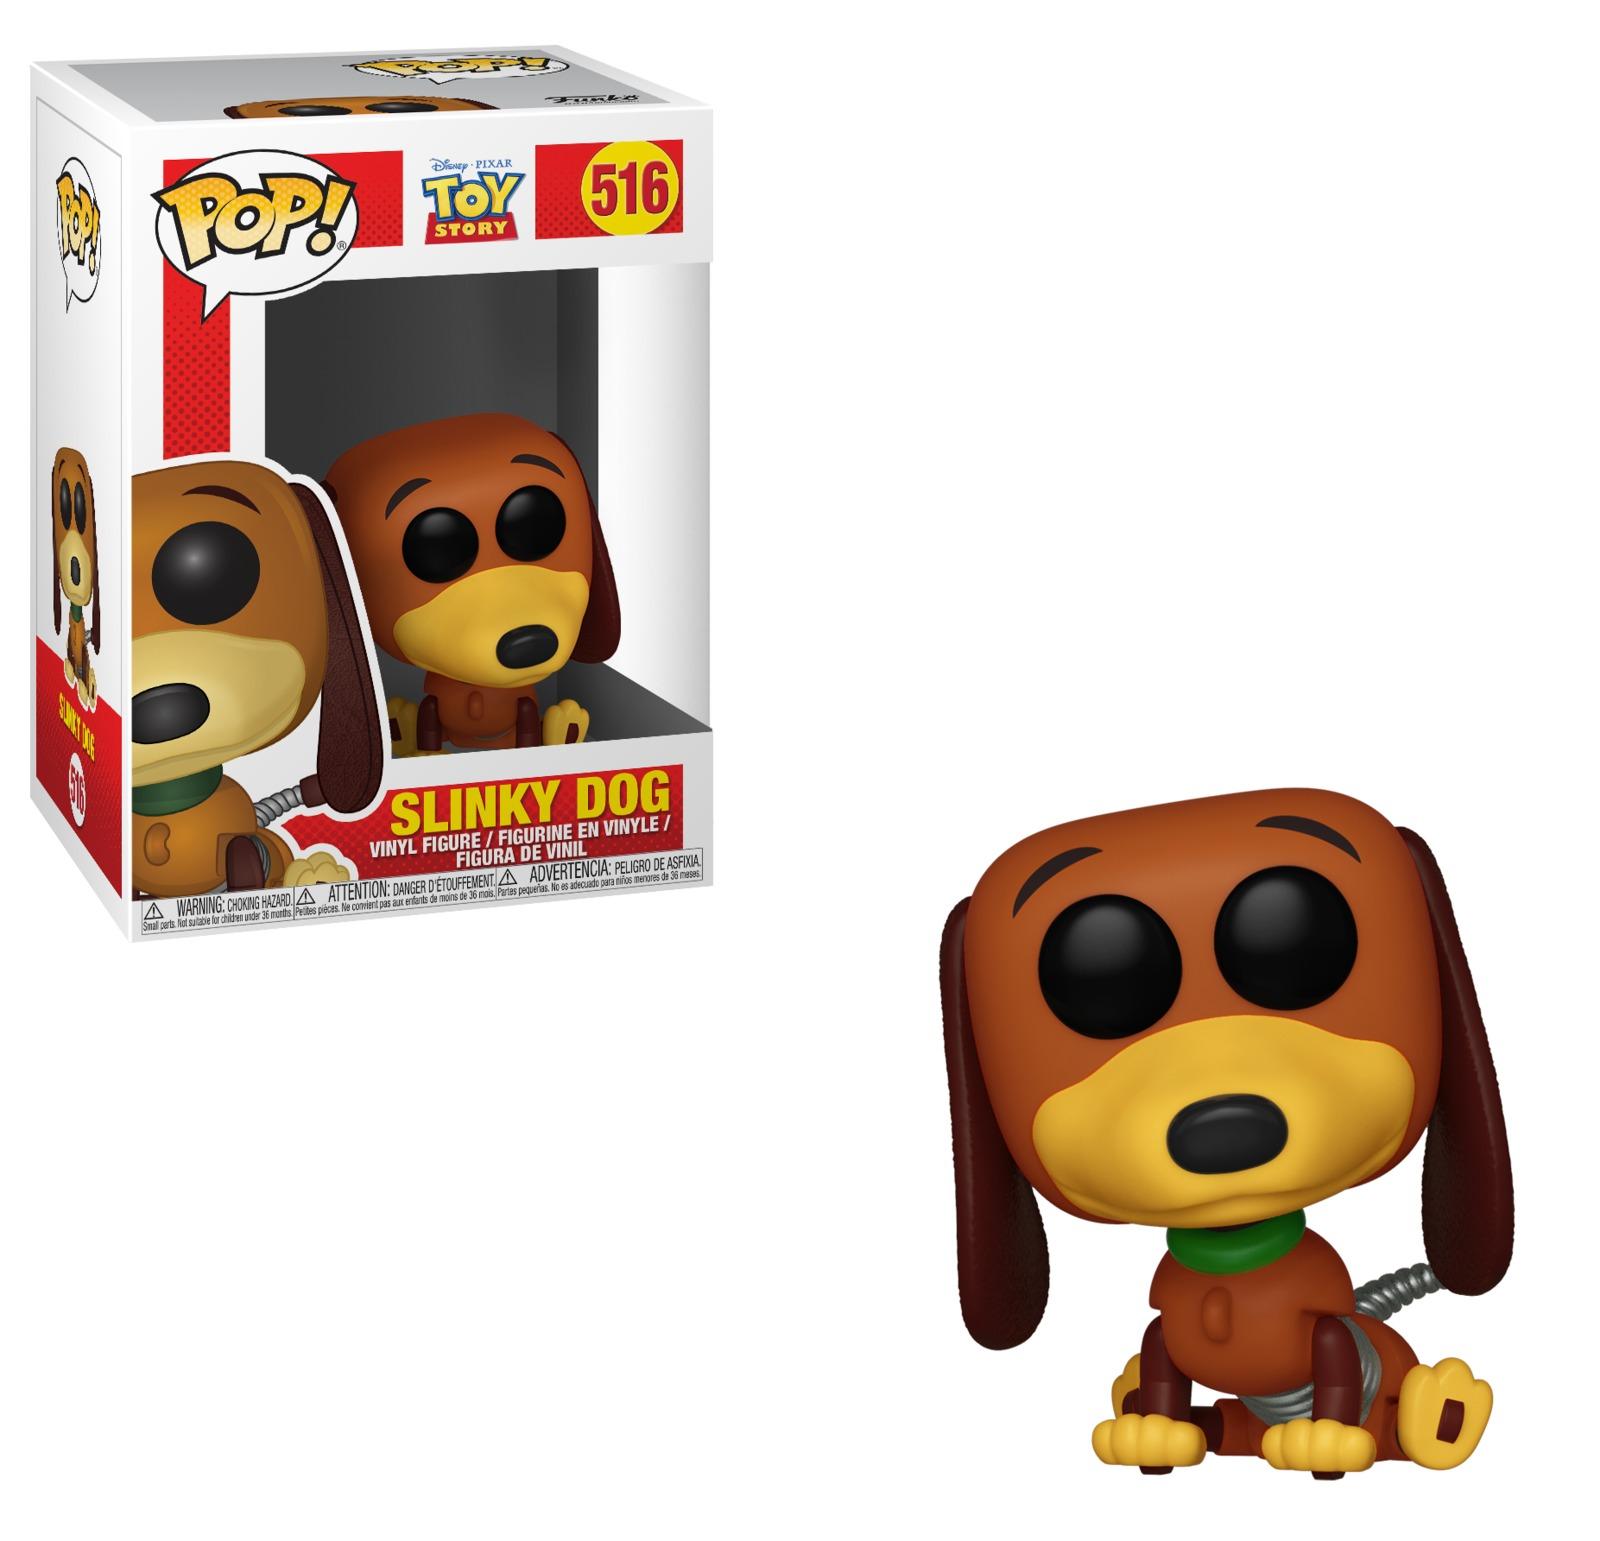 Toy Story - Slinky Dog Pop! Vinyl Figure image